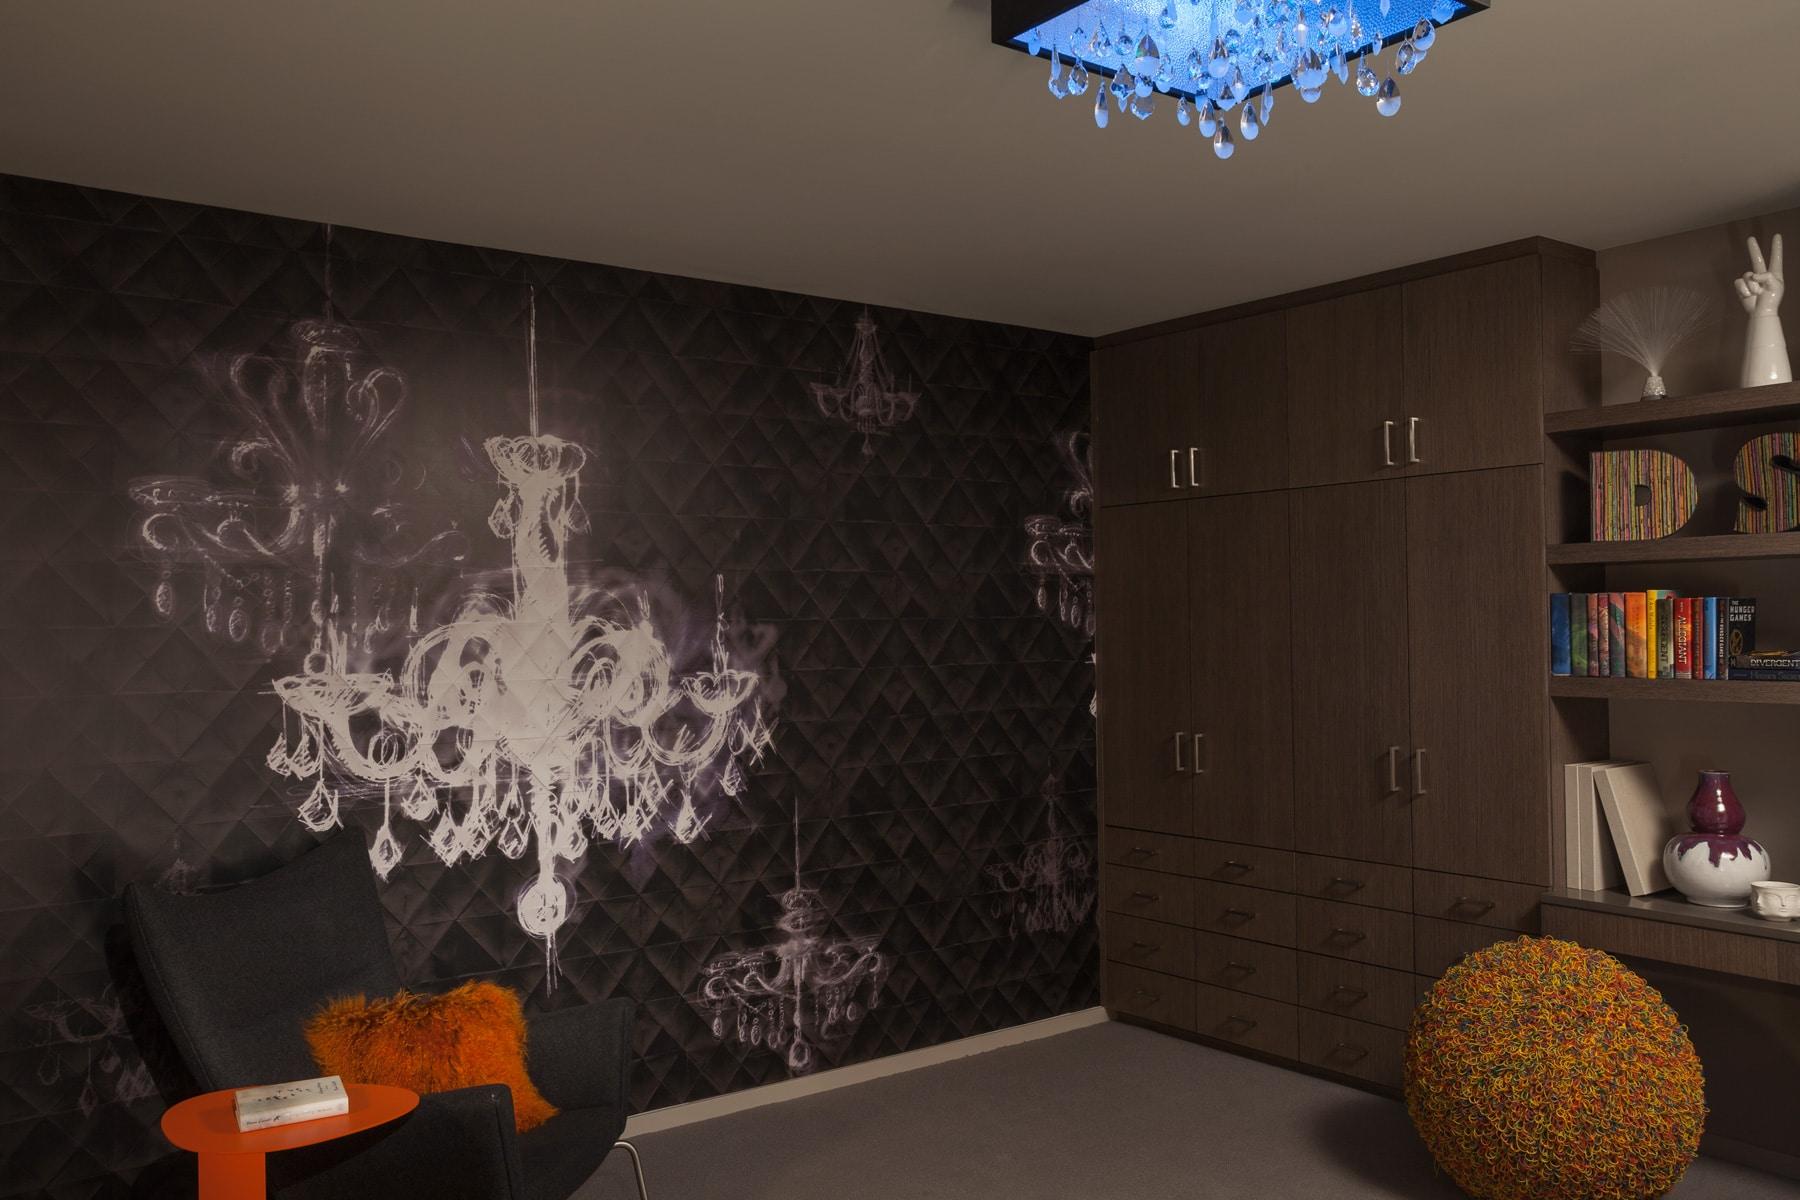 teen-bedroom-design-Luxury-Condominium-Bedroom-Minneapolis-interior-designer.jpg